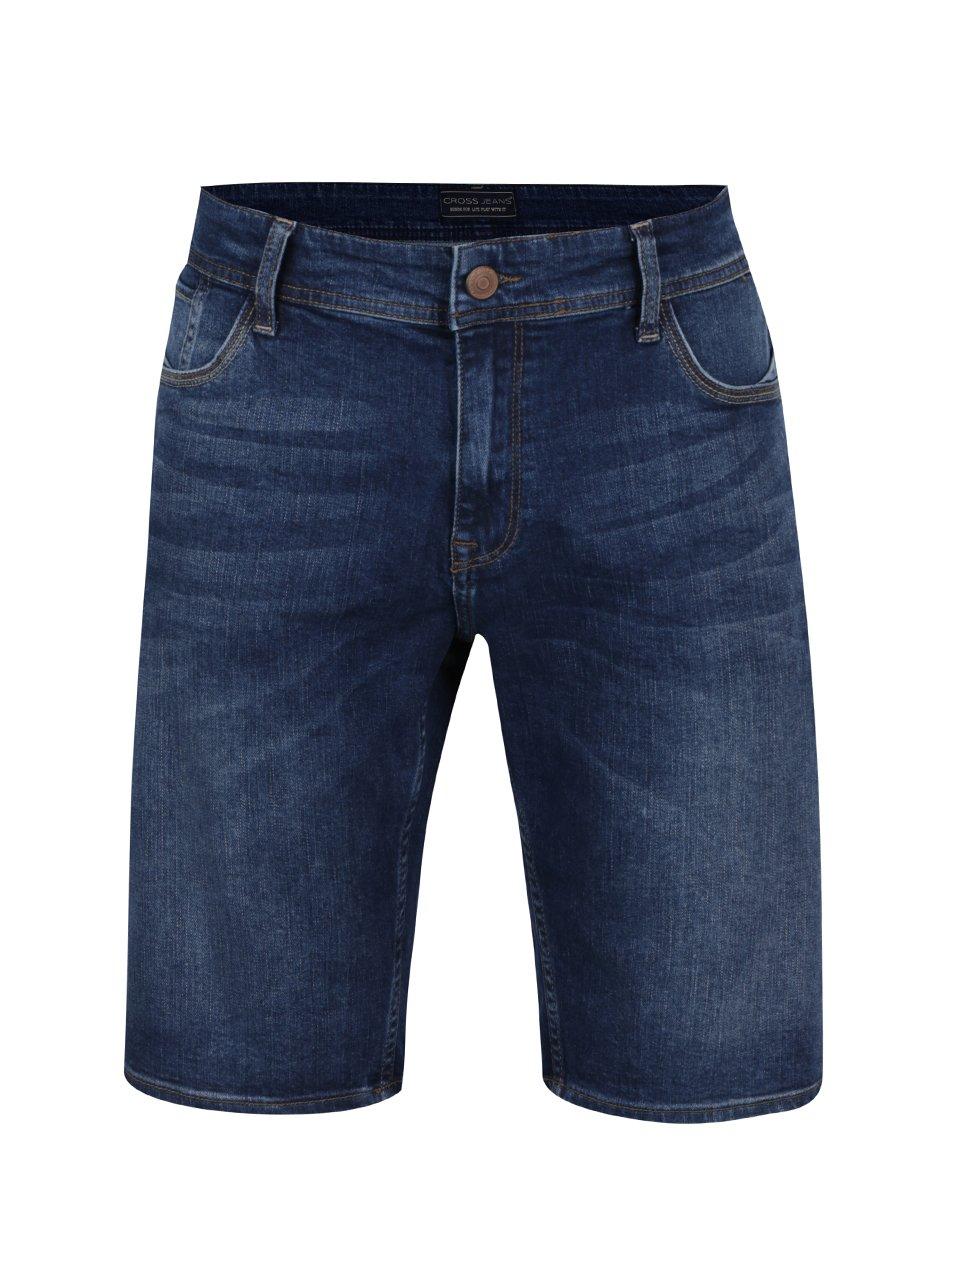 Tmavě modré pánské džínové kraťasy Cross Jeans